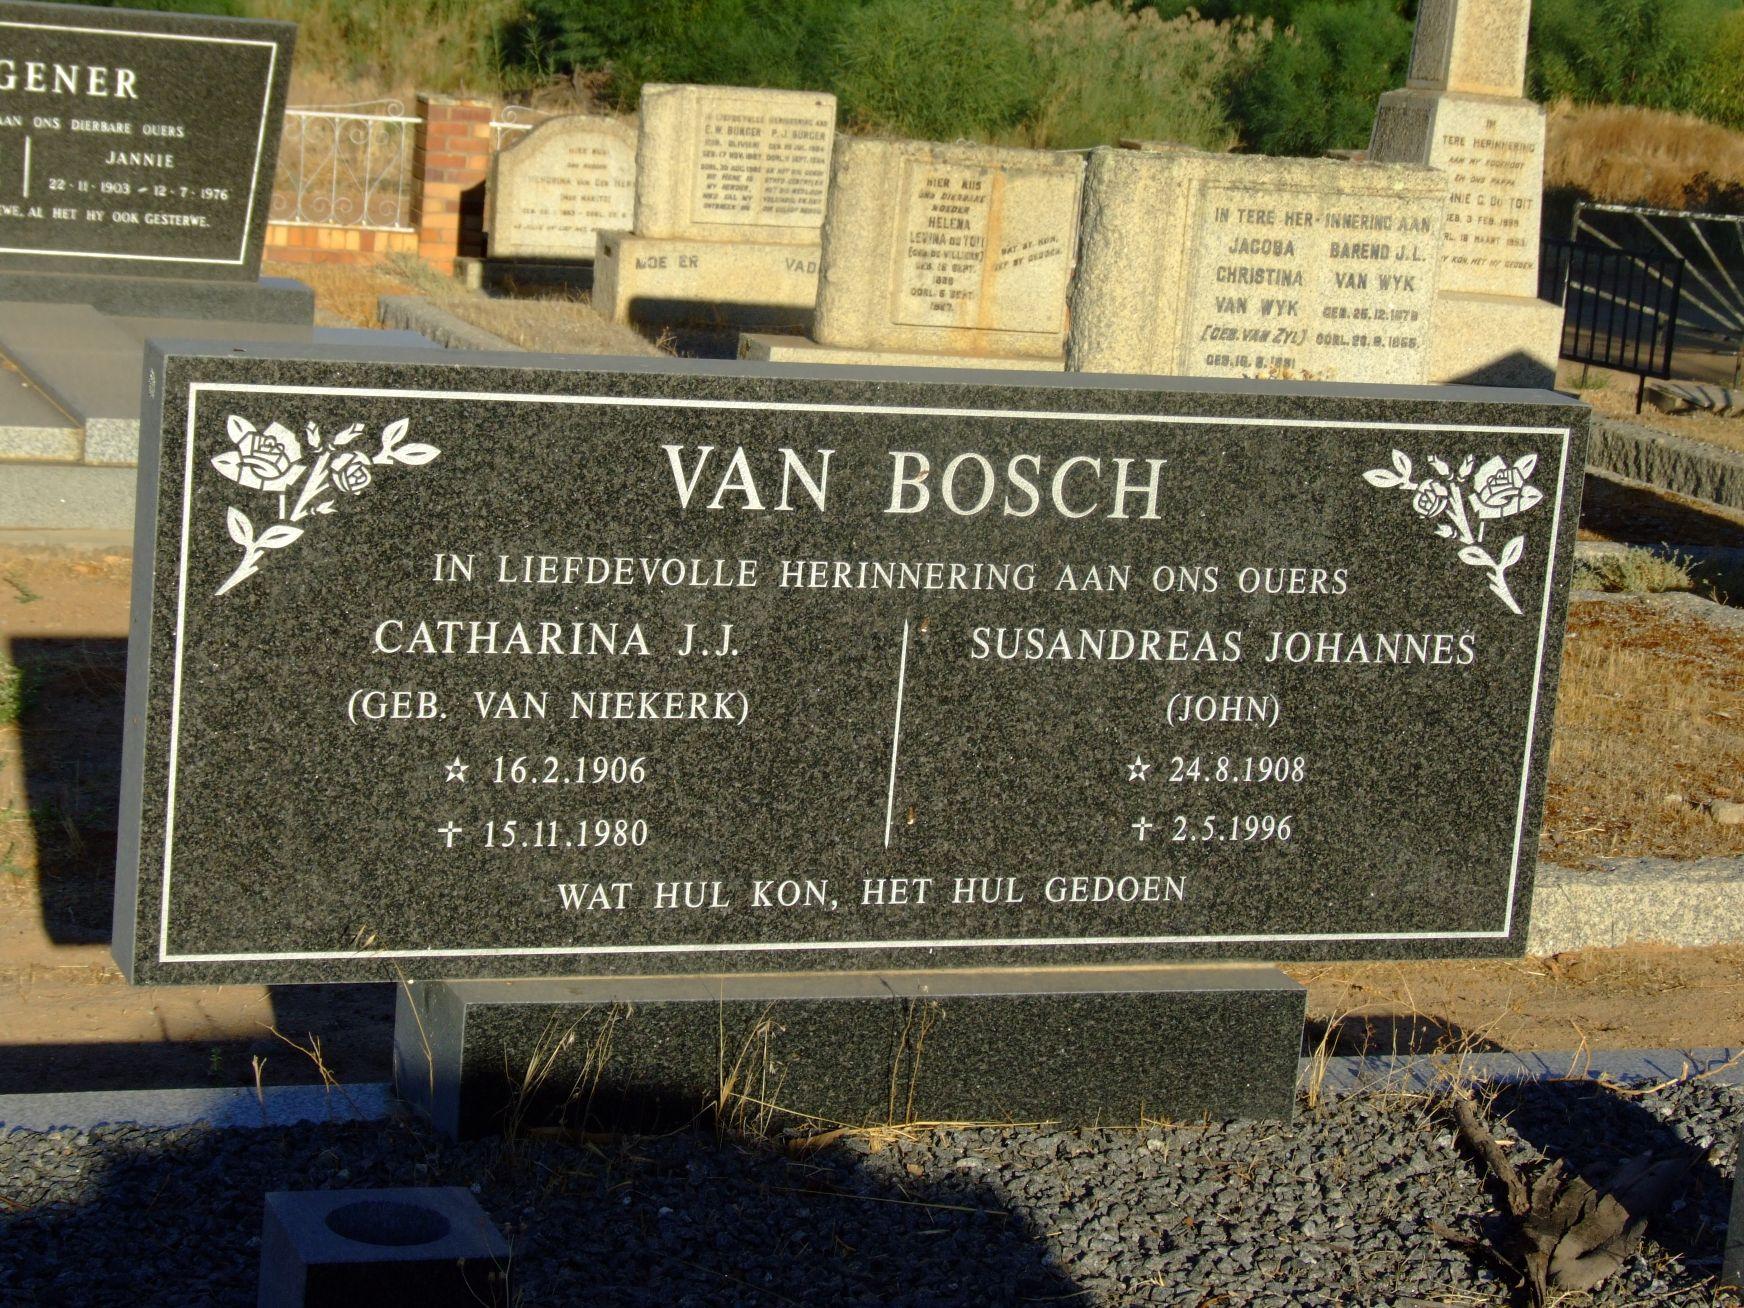 Van Bosch, Catharina J. J. + Van Bosch, Susandreas Johannes